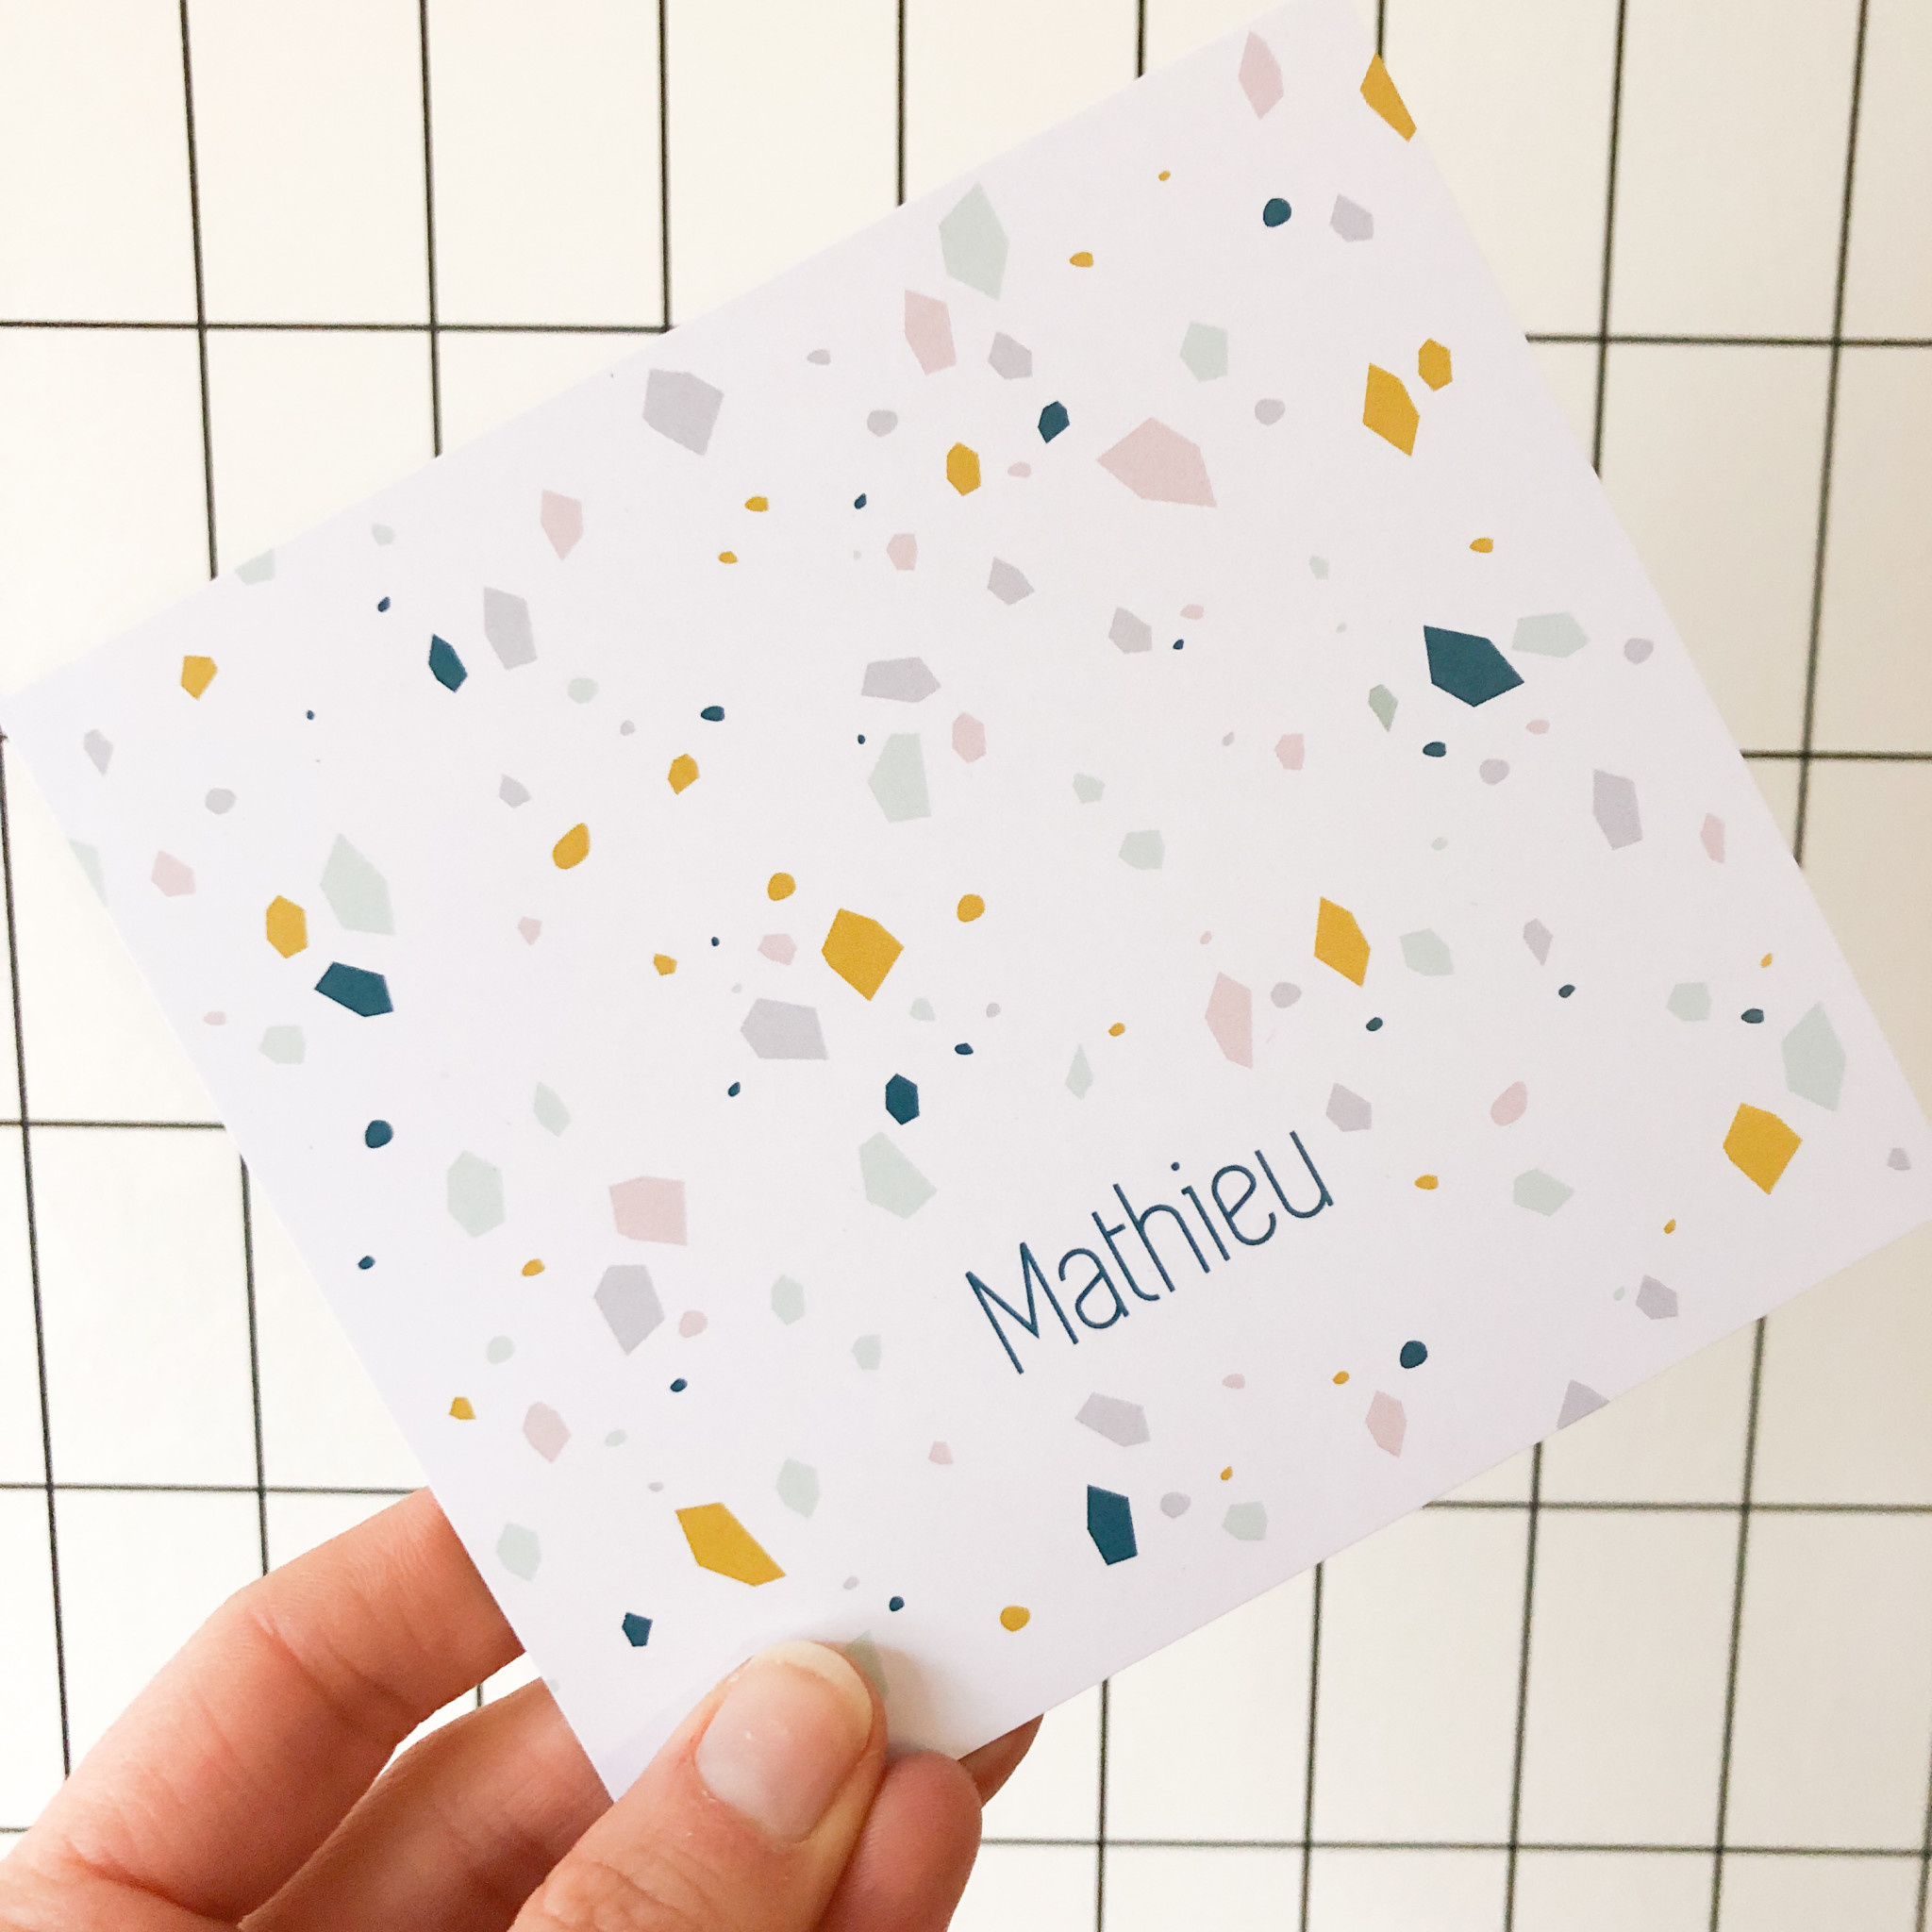 geboren_01-17 Mathieu